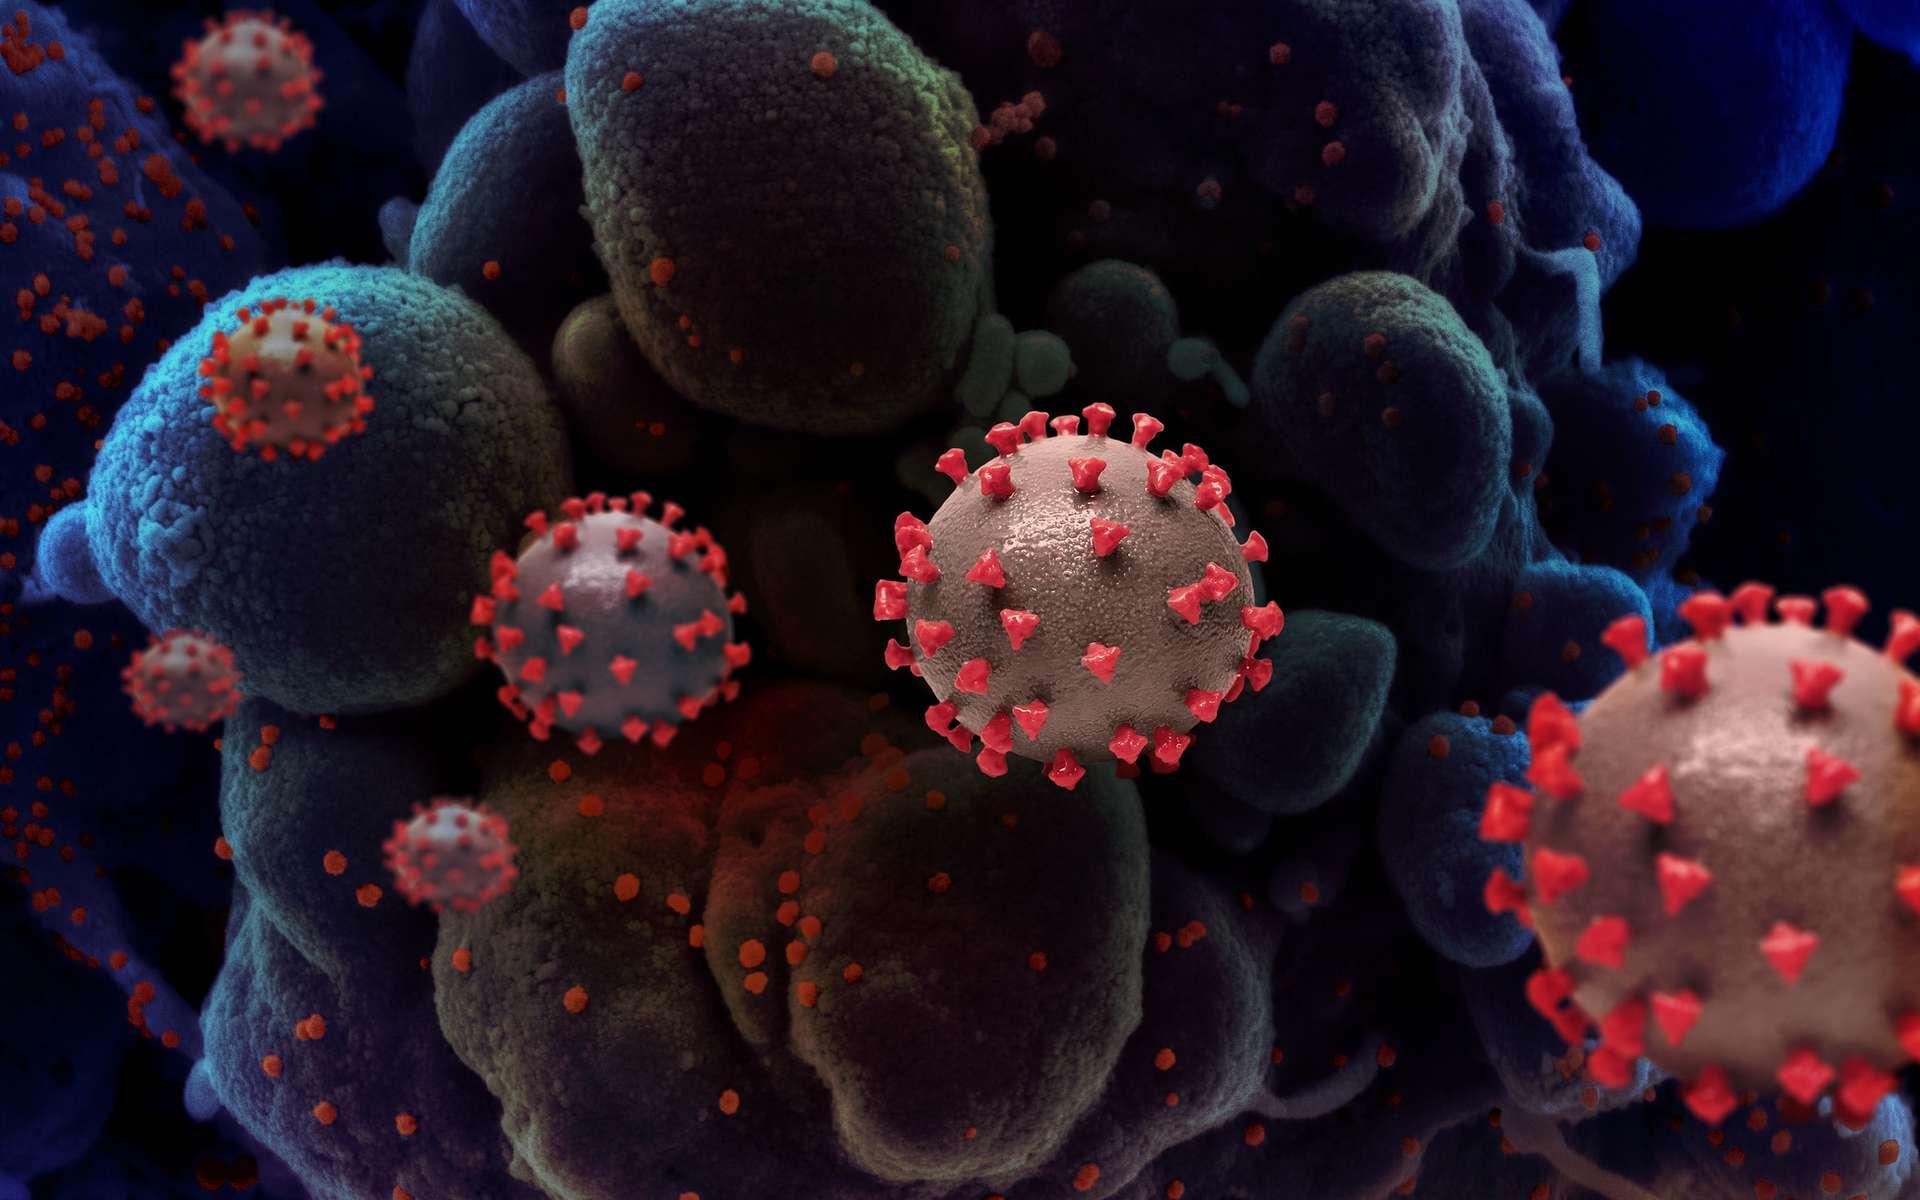 Un variant de la souche SARS-CoV-2, appelé G614D, domine la pandémie de Covid-19 en Europe et aux États-Unis. © Niaid